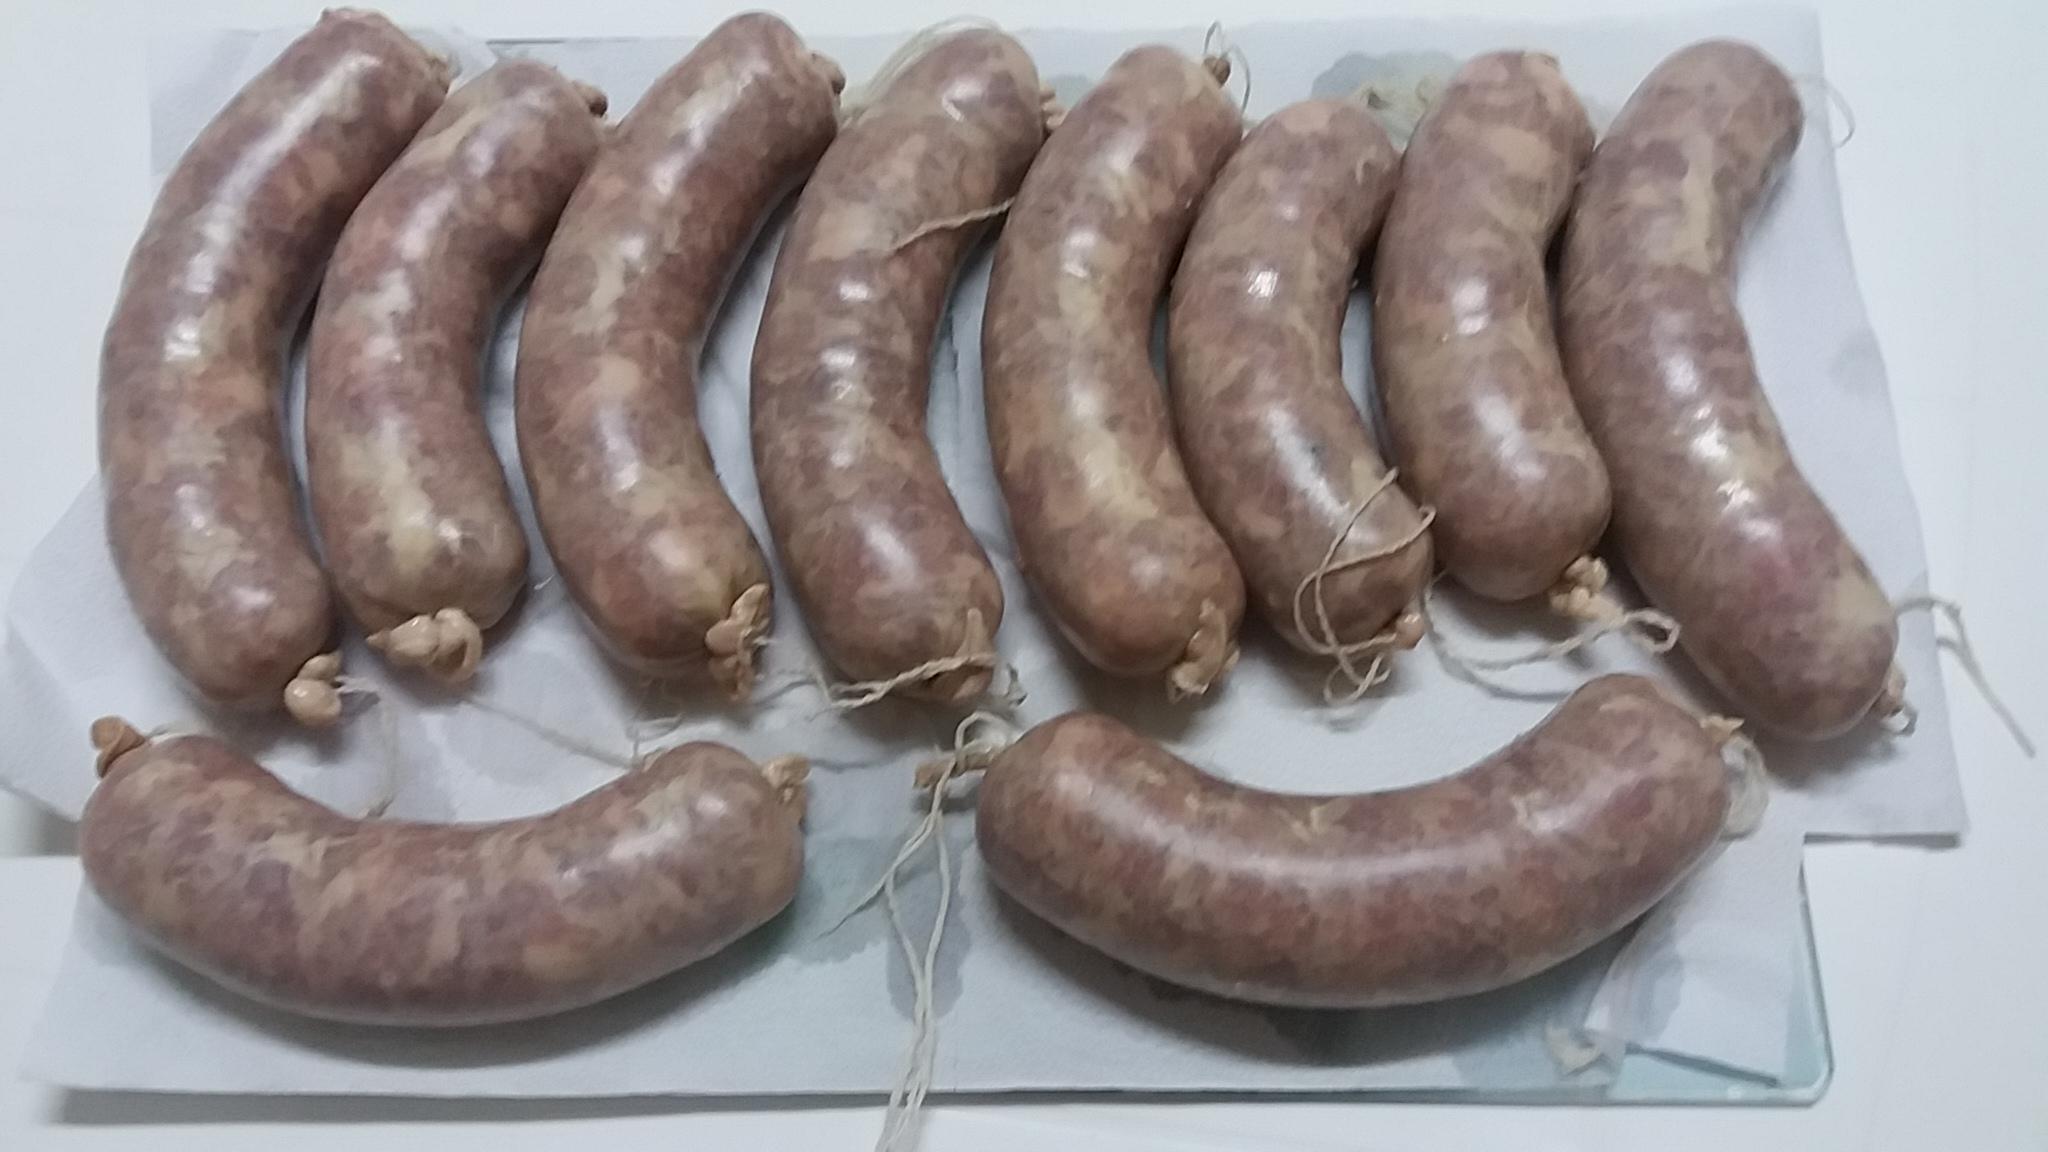 sausage and salami